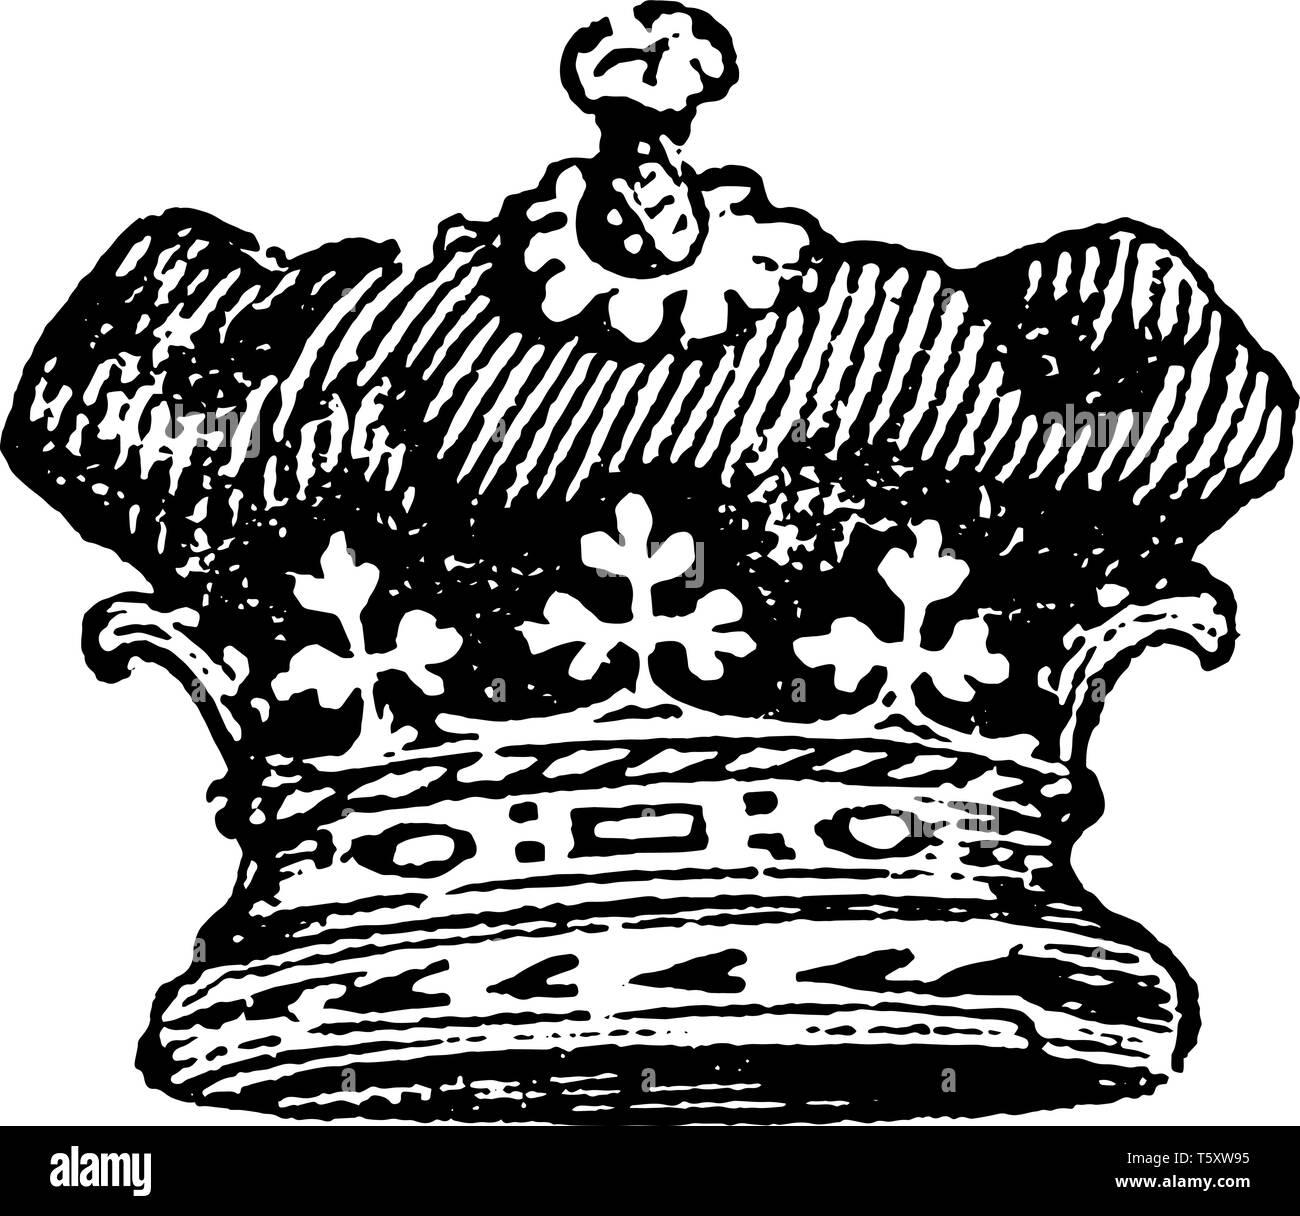 Il duca Coronet è indossato da un imperatore, vintage disegno della linea di incisione o illustrazione. Immagini Stock